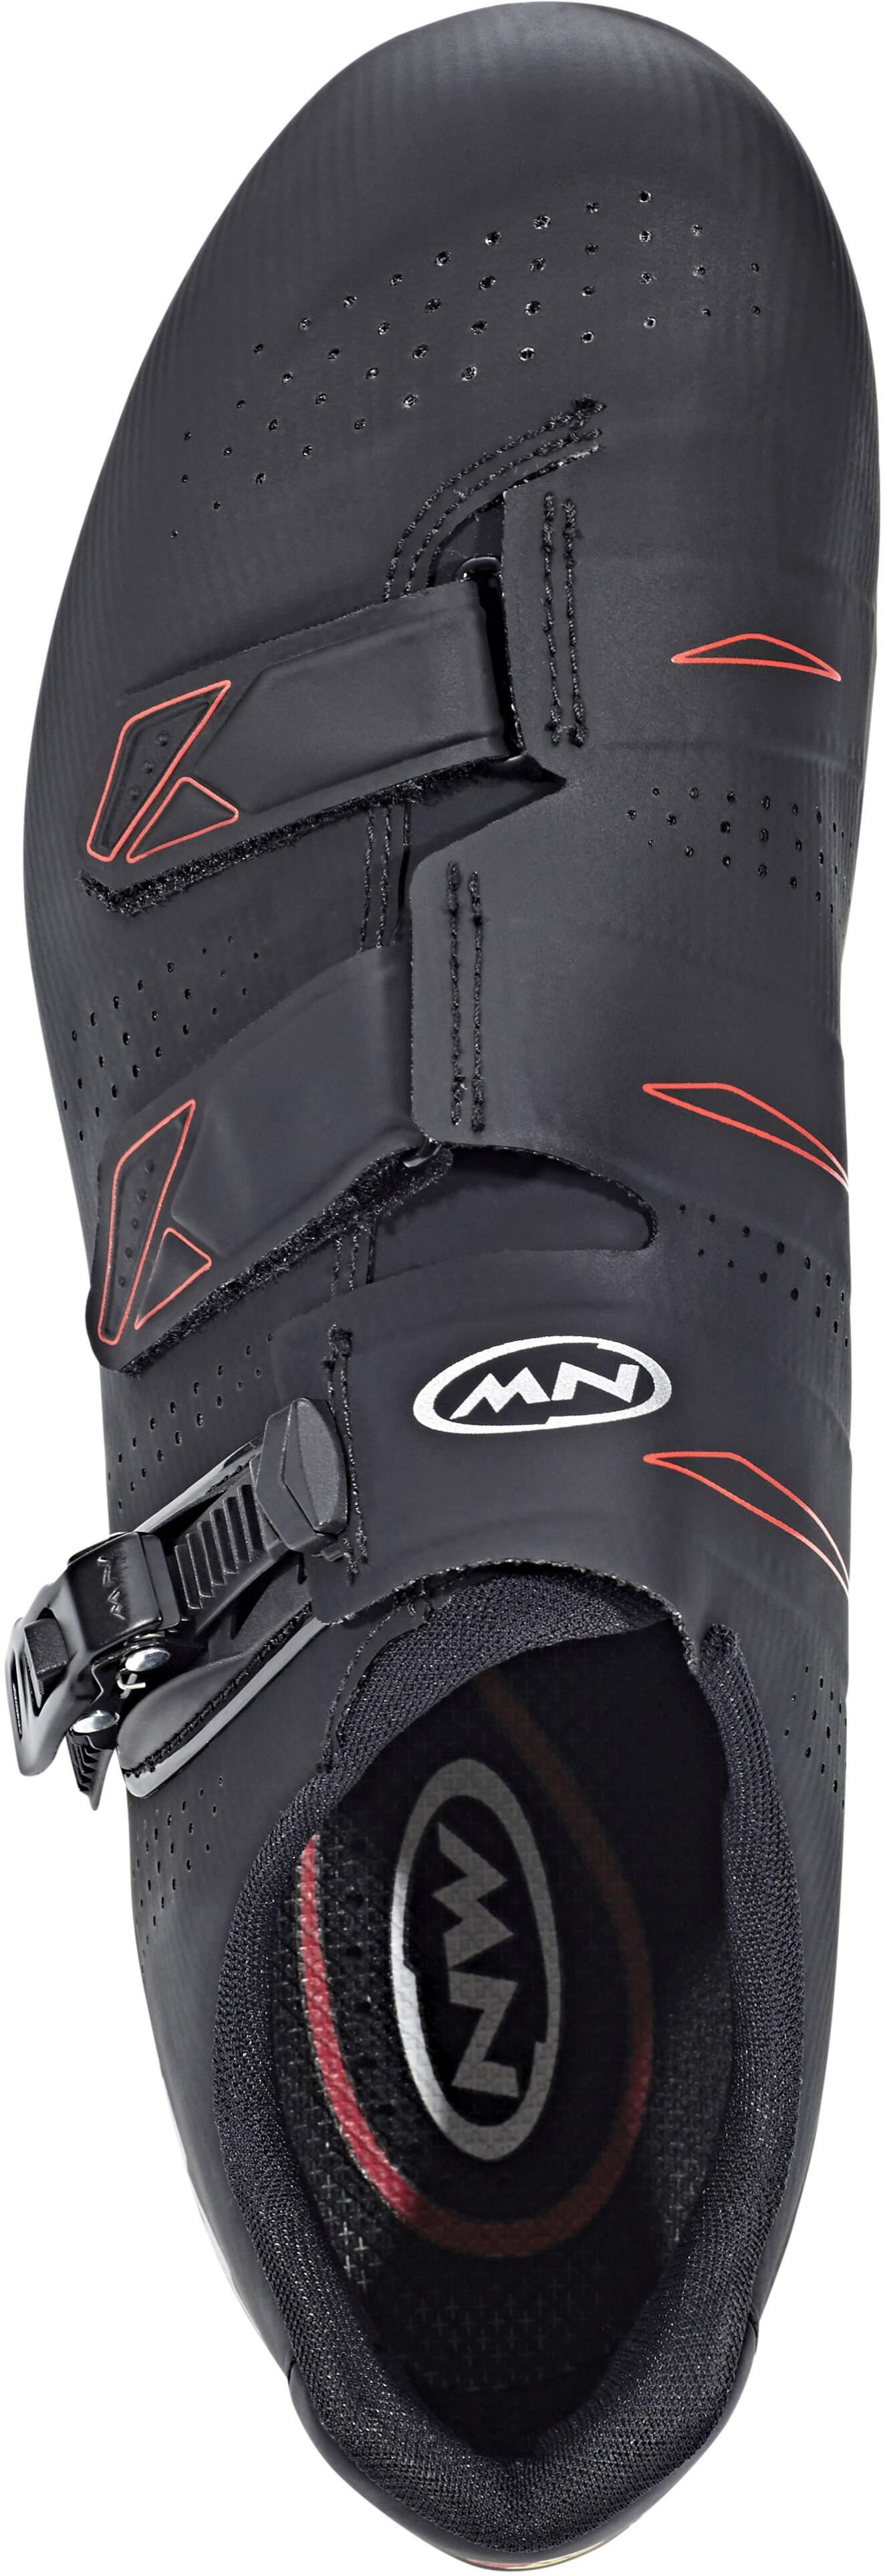 Northwave Phantom 2 Srs Shoes Men Black At Bikester Co Uk